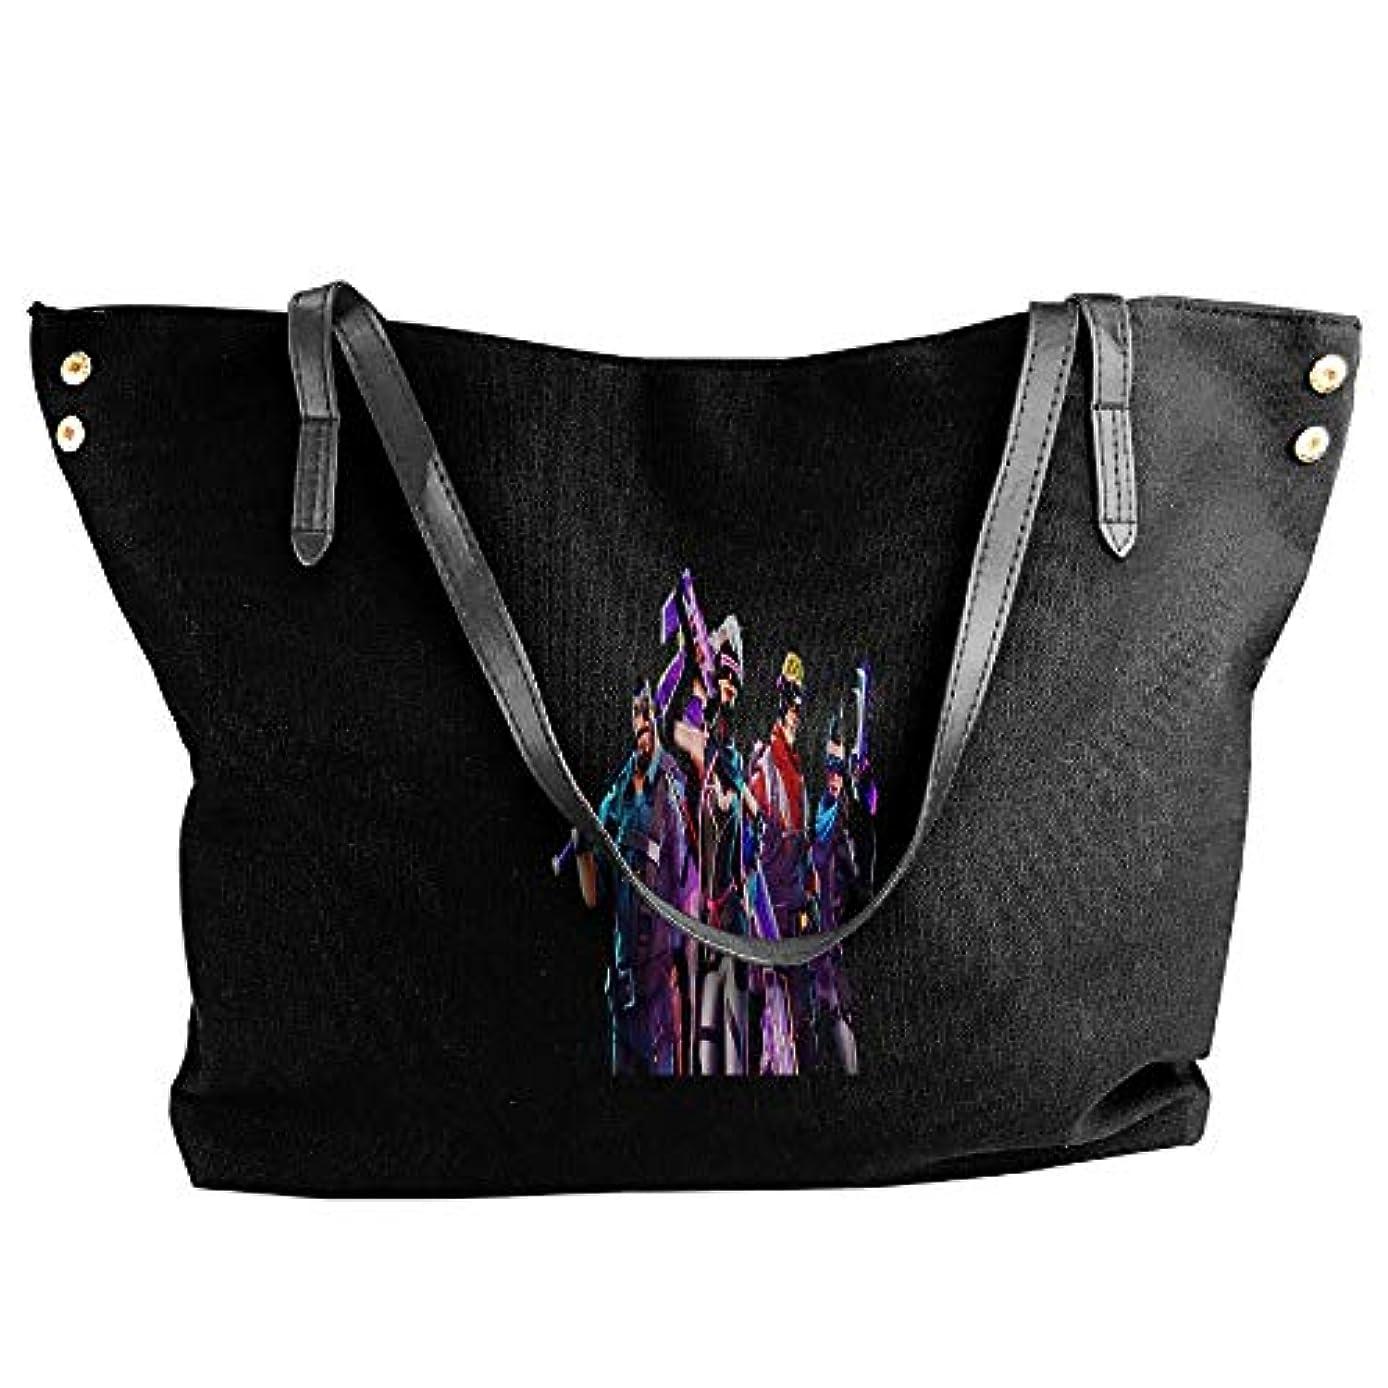 アクチュエータ結果として司書2019最新レディースバッグ ファッション若い女の子ストリートショッピングキャンバスのショルダーバッグ Fortnite 人気のバッグ 大容量 リュック